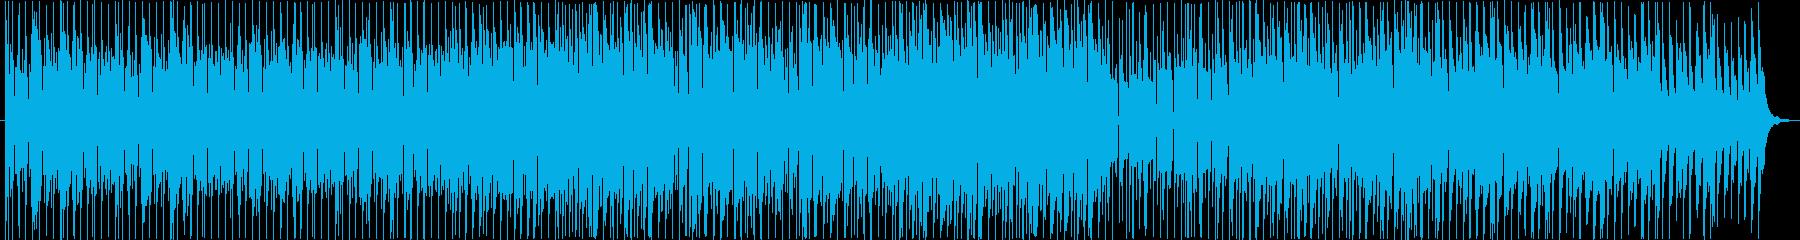 明るくてほのぼのとしたエレクトロニカですの再生済みの波形